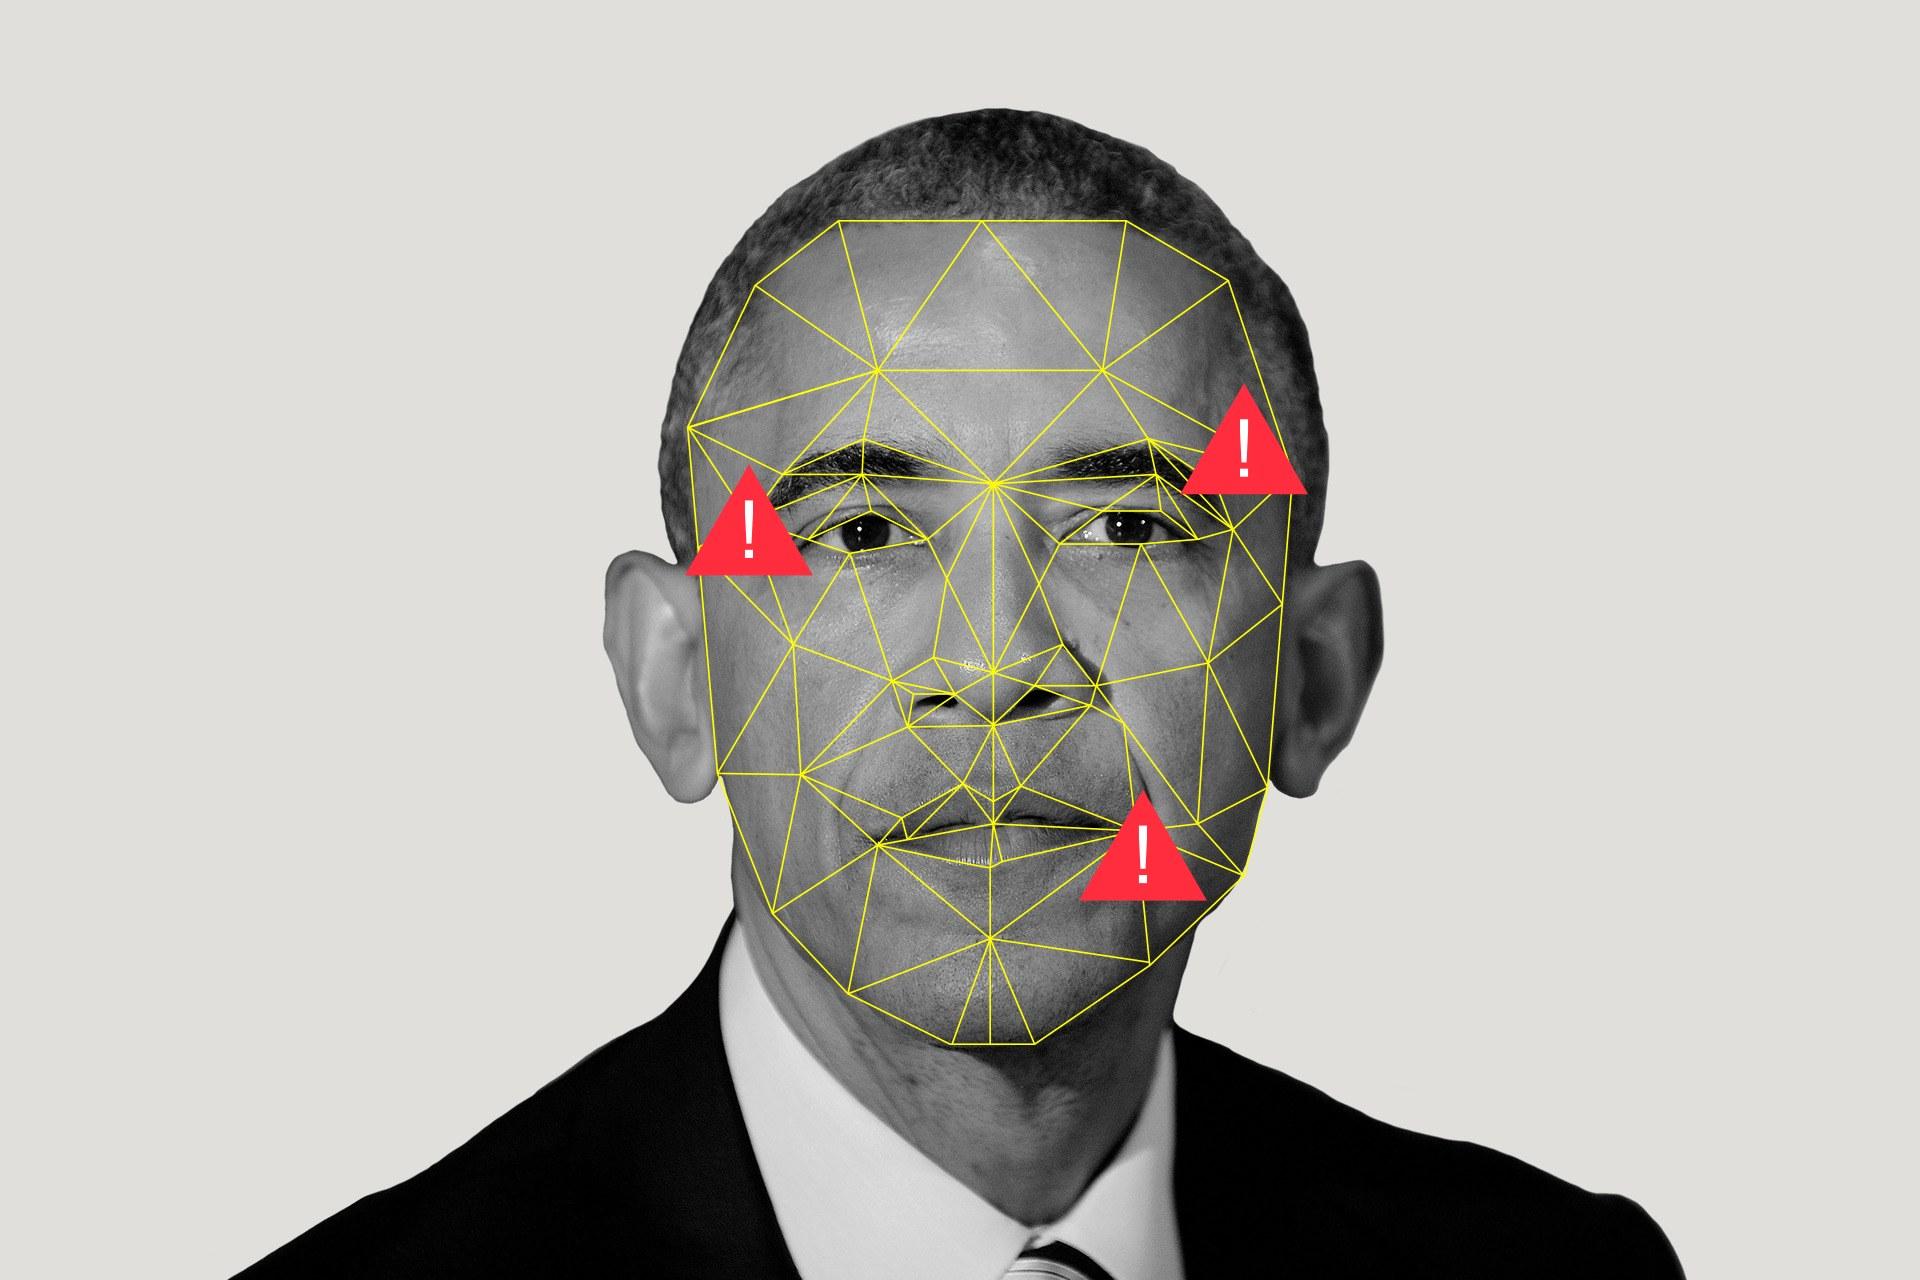 Η έκρηξη των deepfakes έγινε πρόβλημα για επιχειρήσεις και εταιρικούς ηγέτες